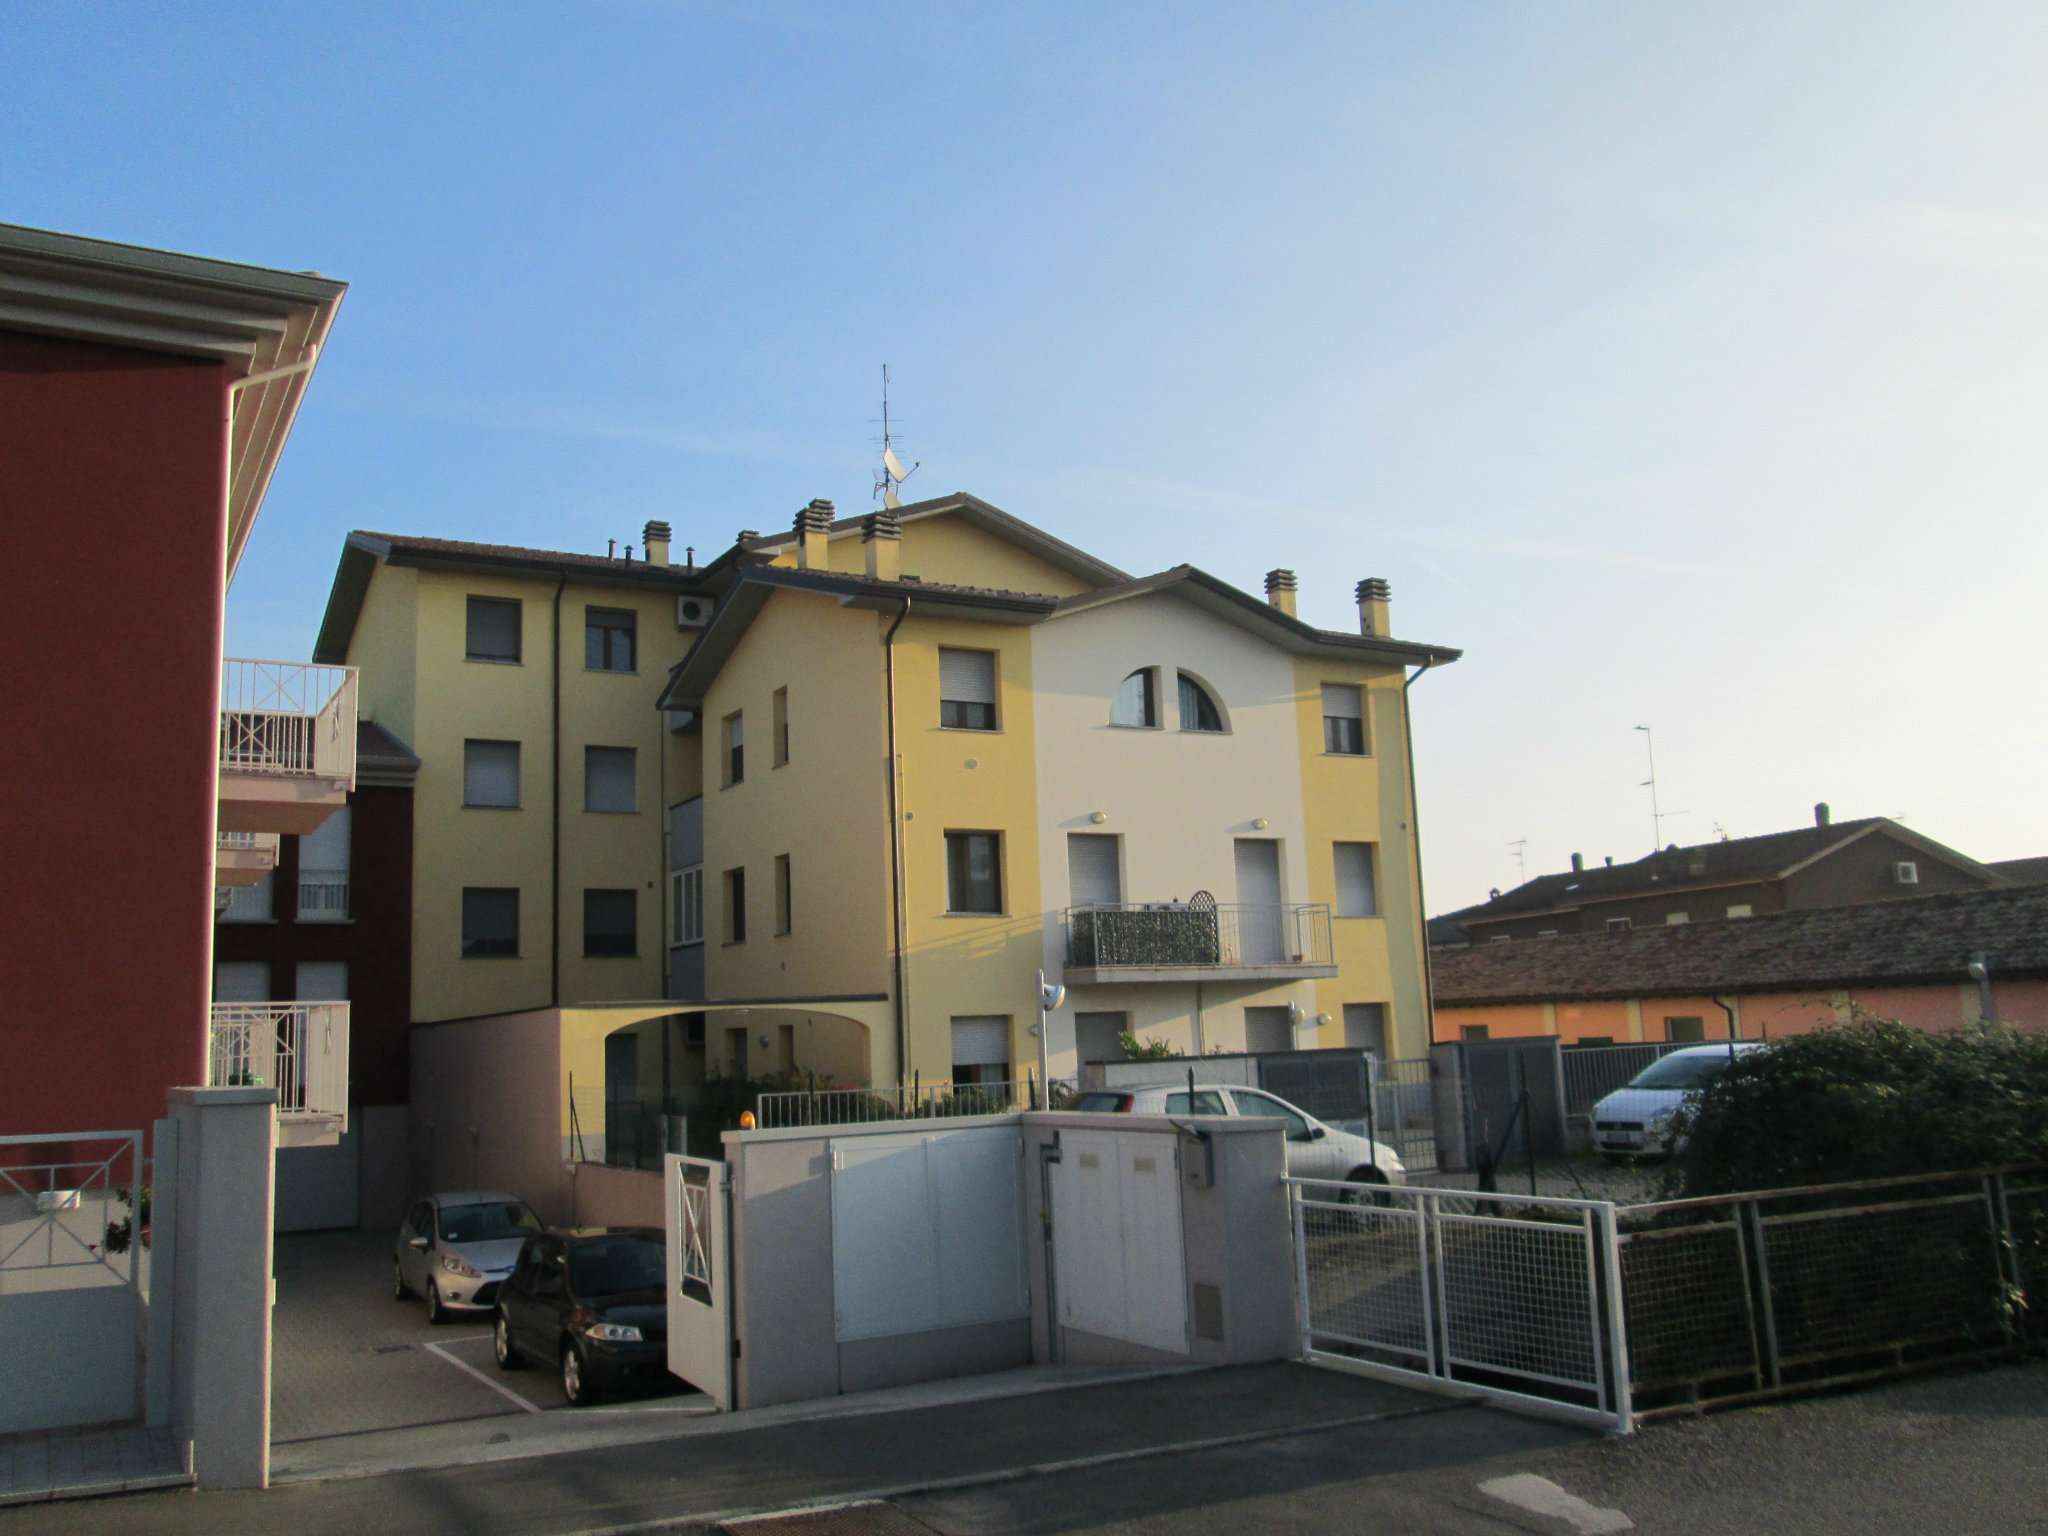 Appartamento in vendita a Medesano, 2 locali, prezzo € 75.000 | Cambio Casa.it